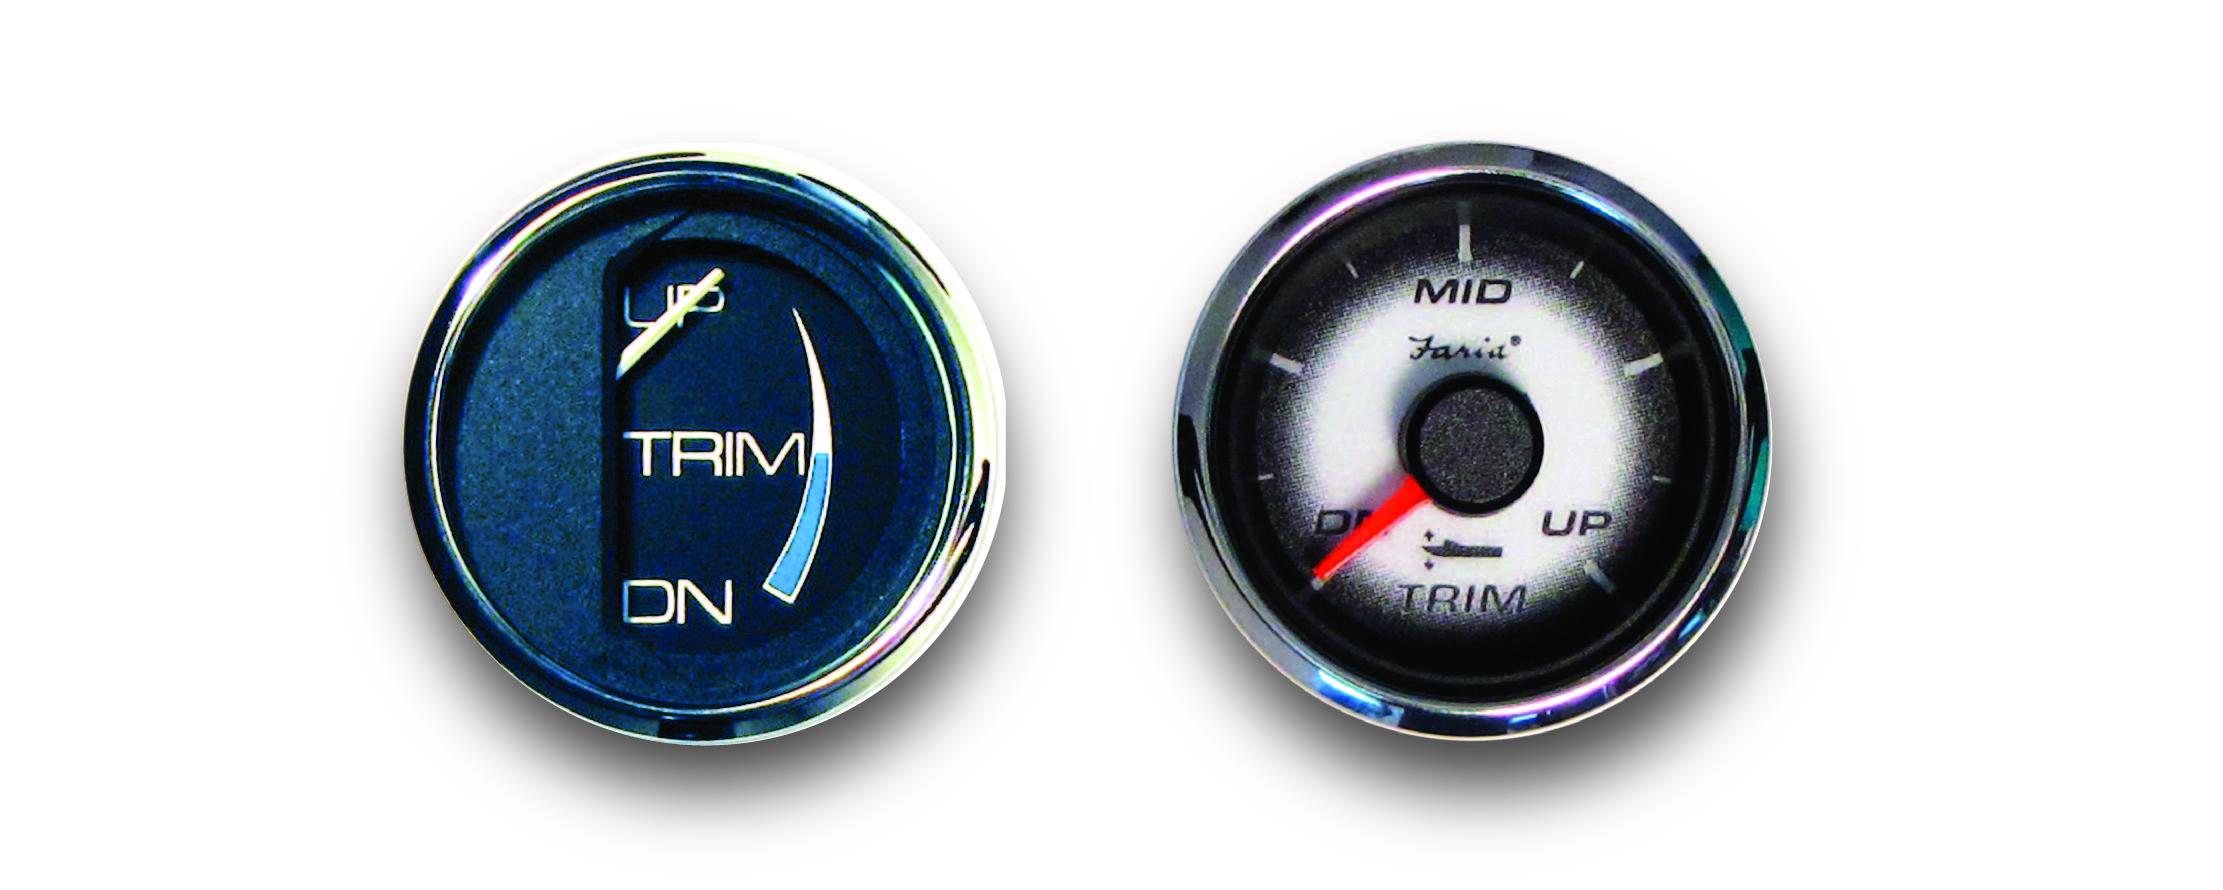 Instrument Details